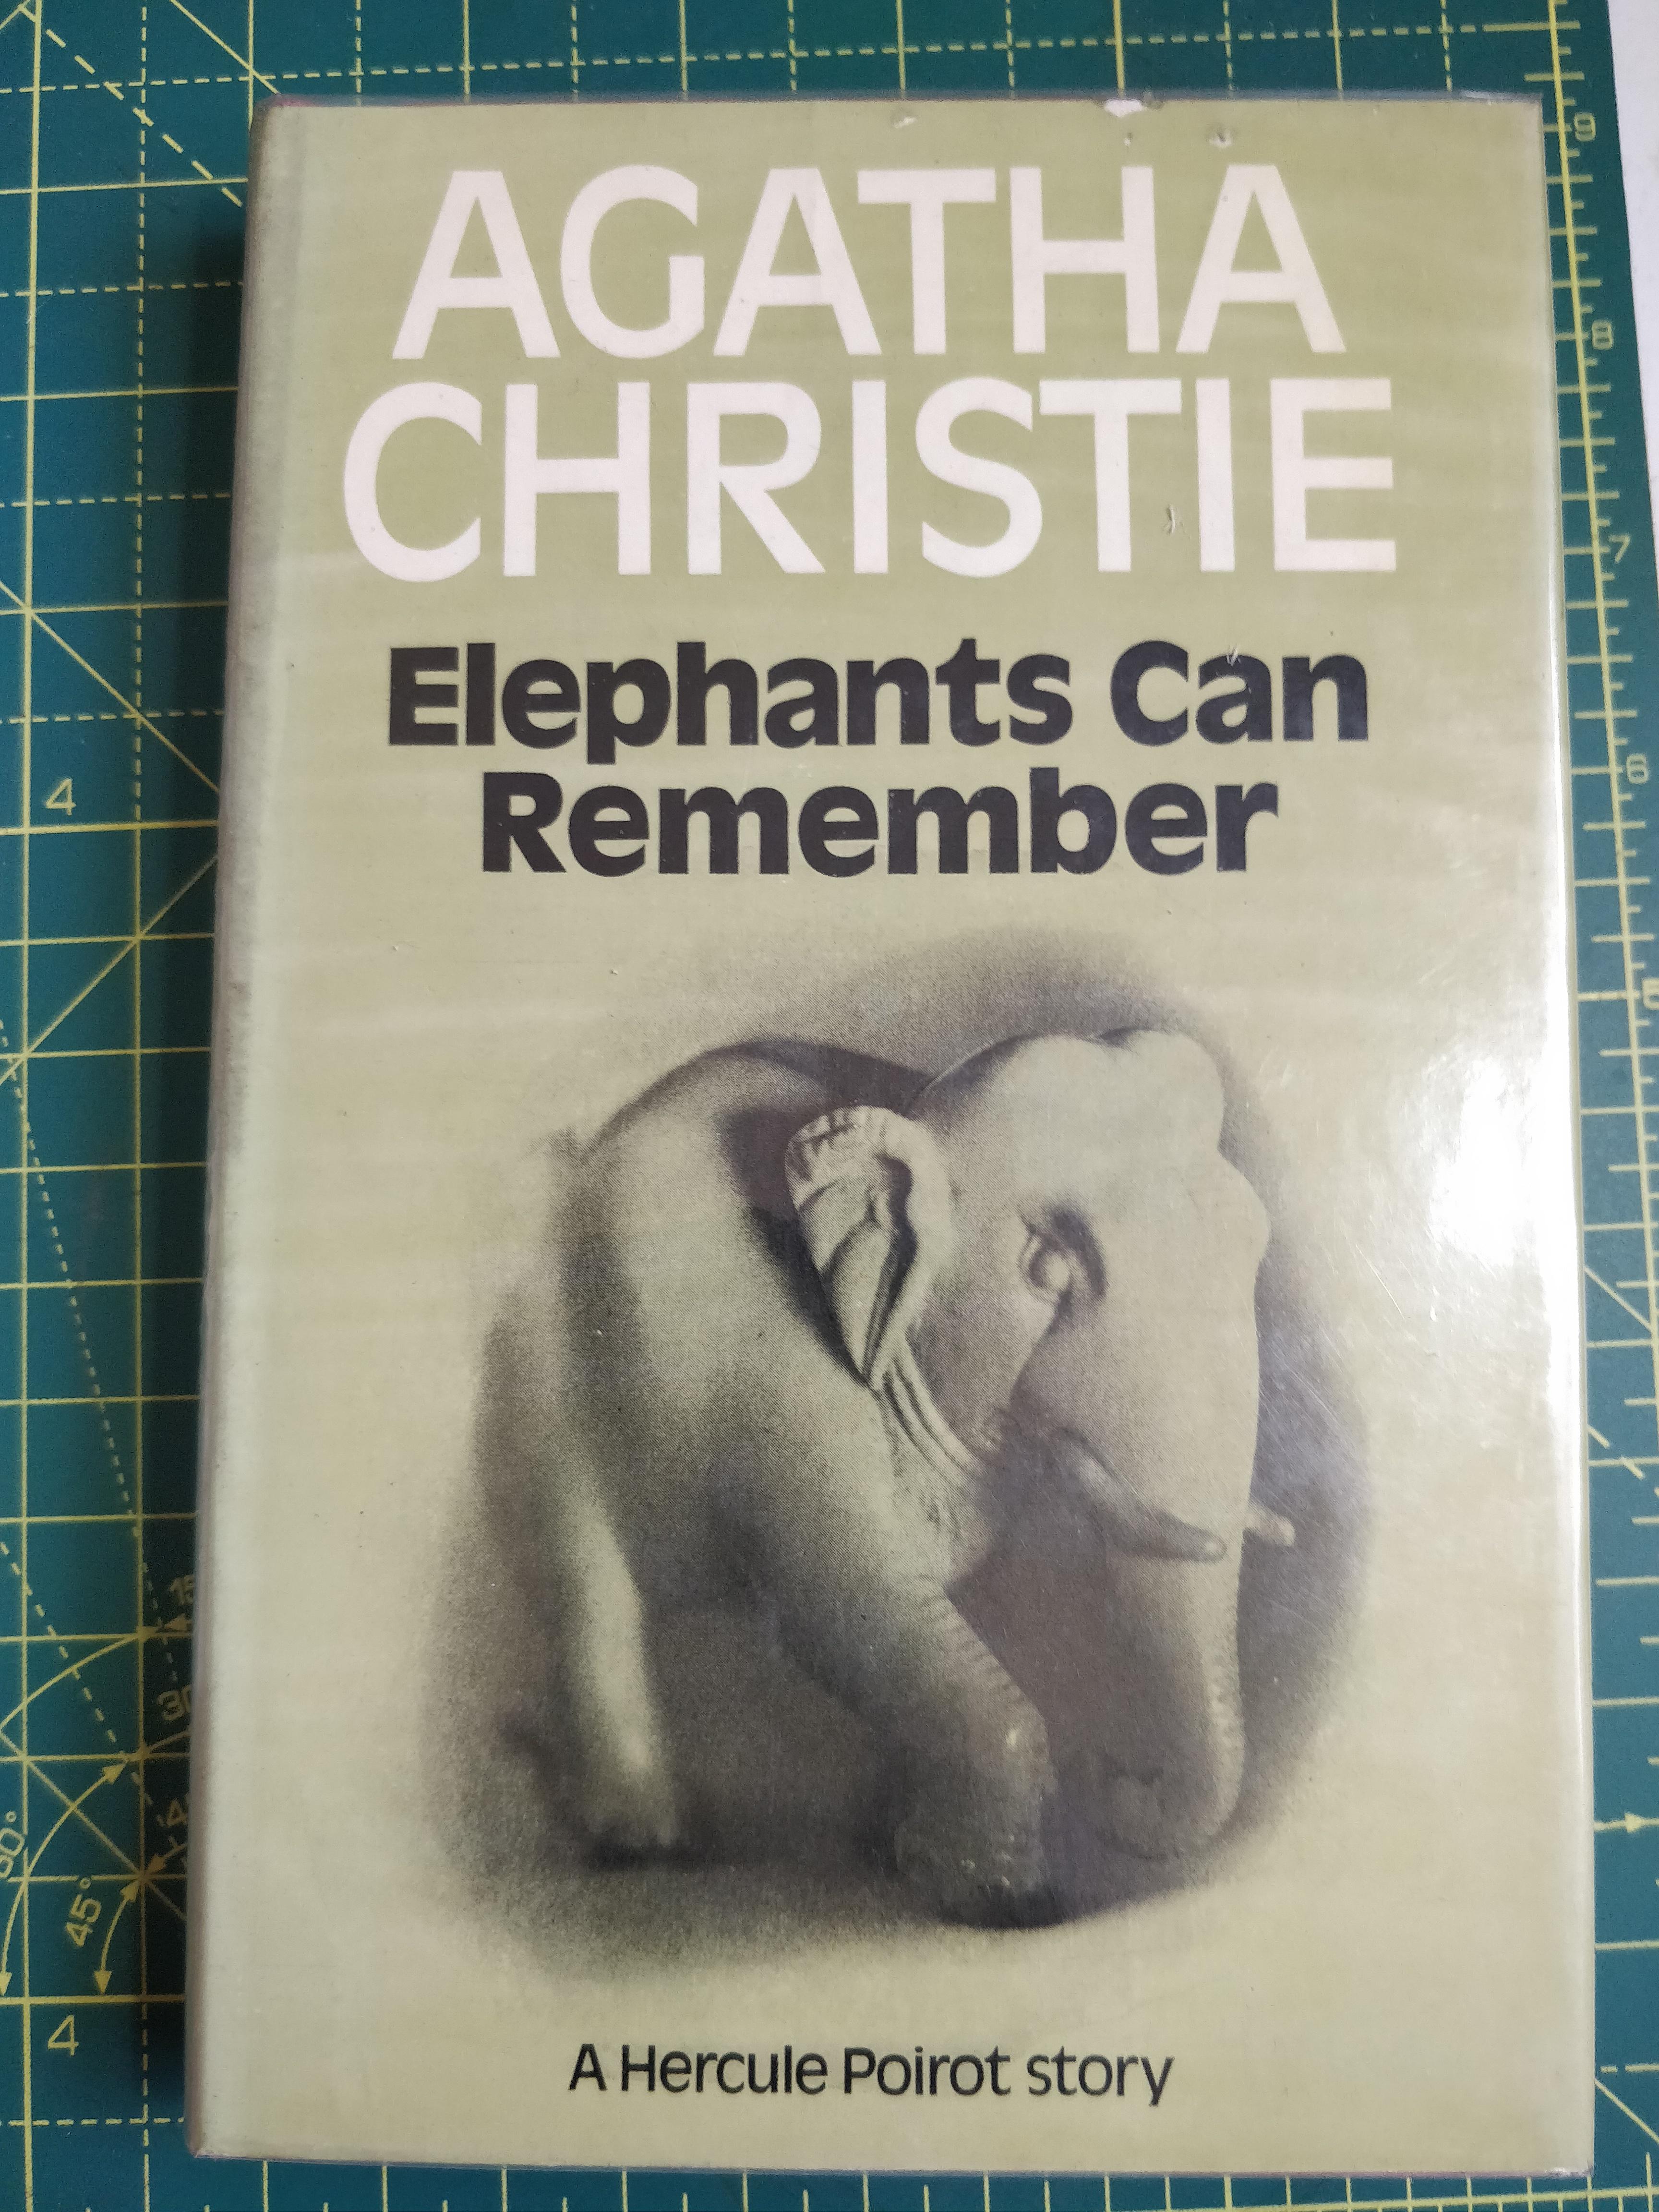 Agatha Christie HB (5)